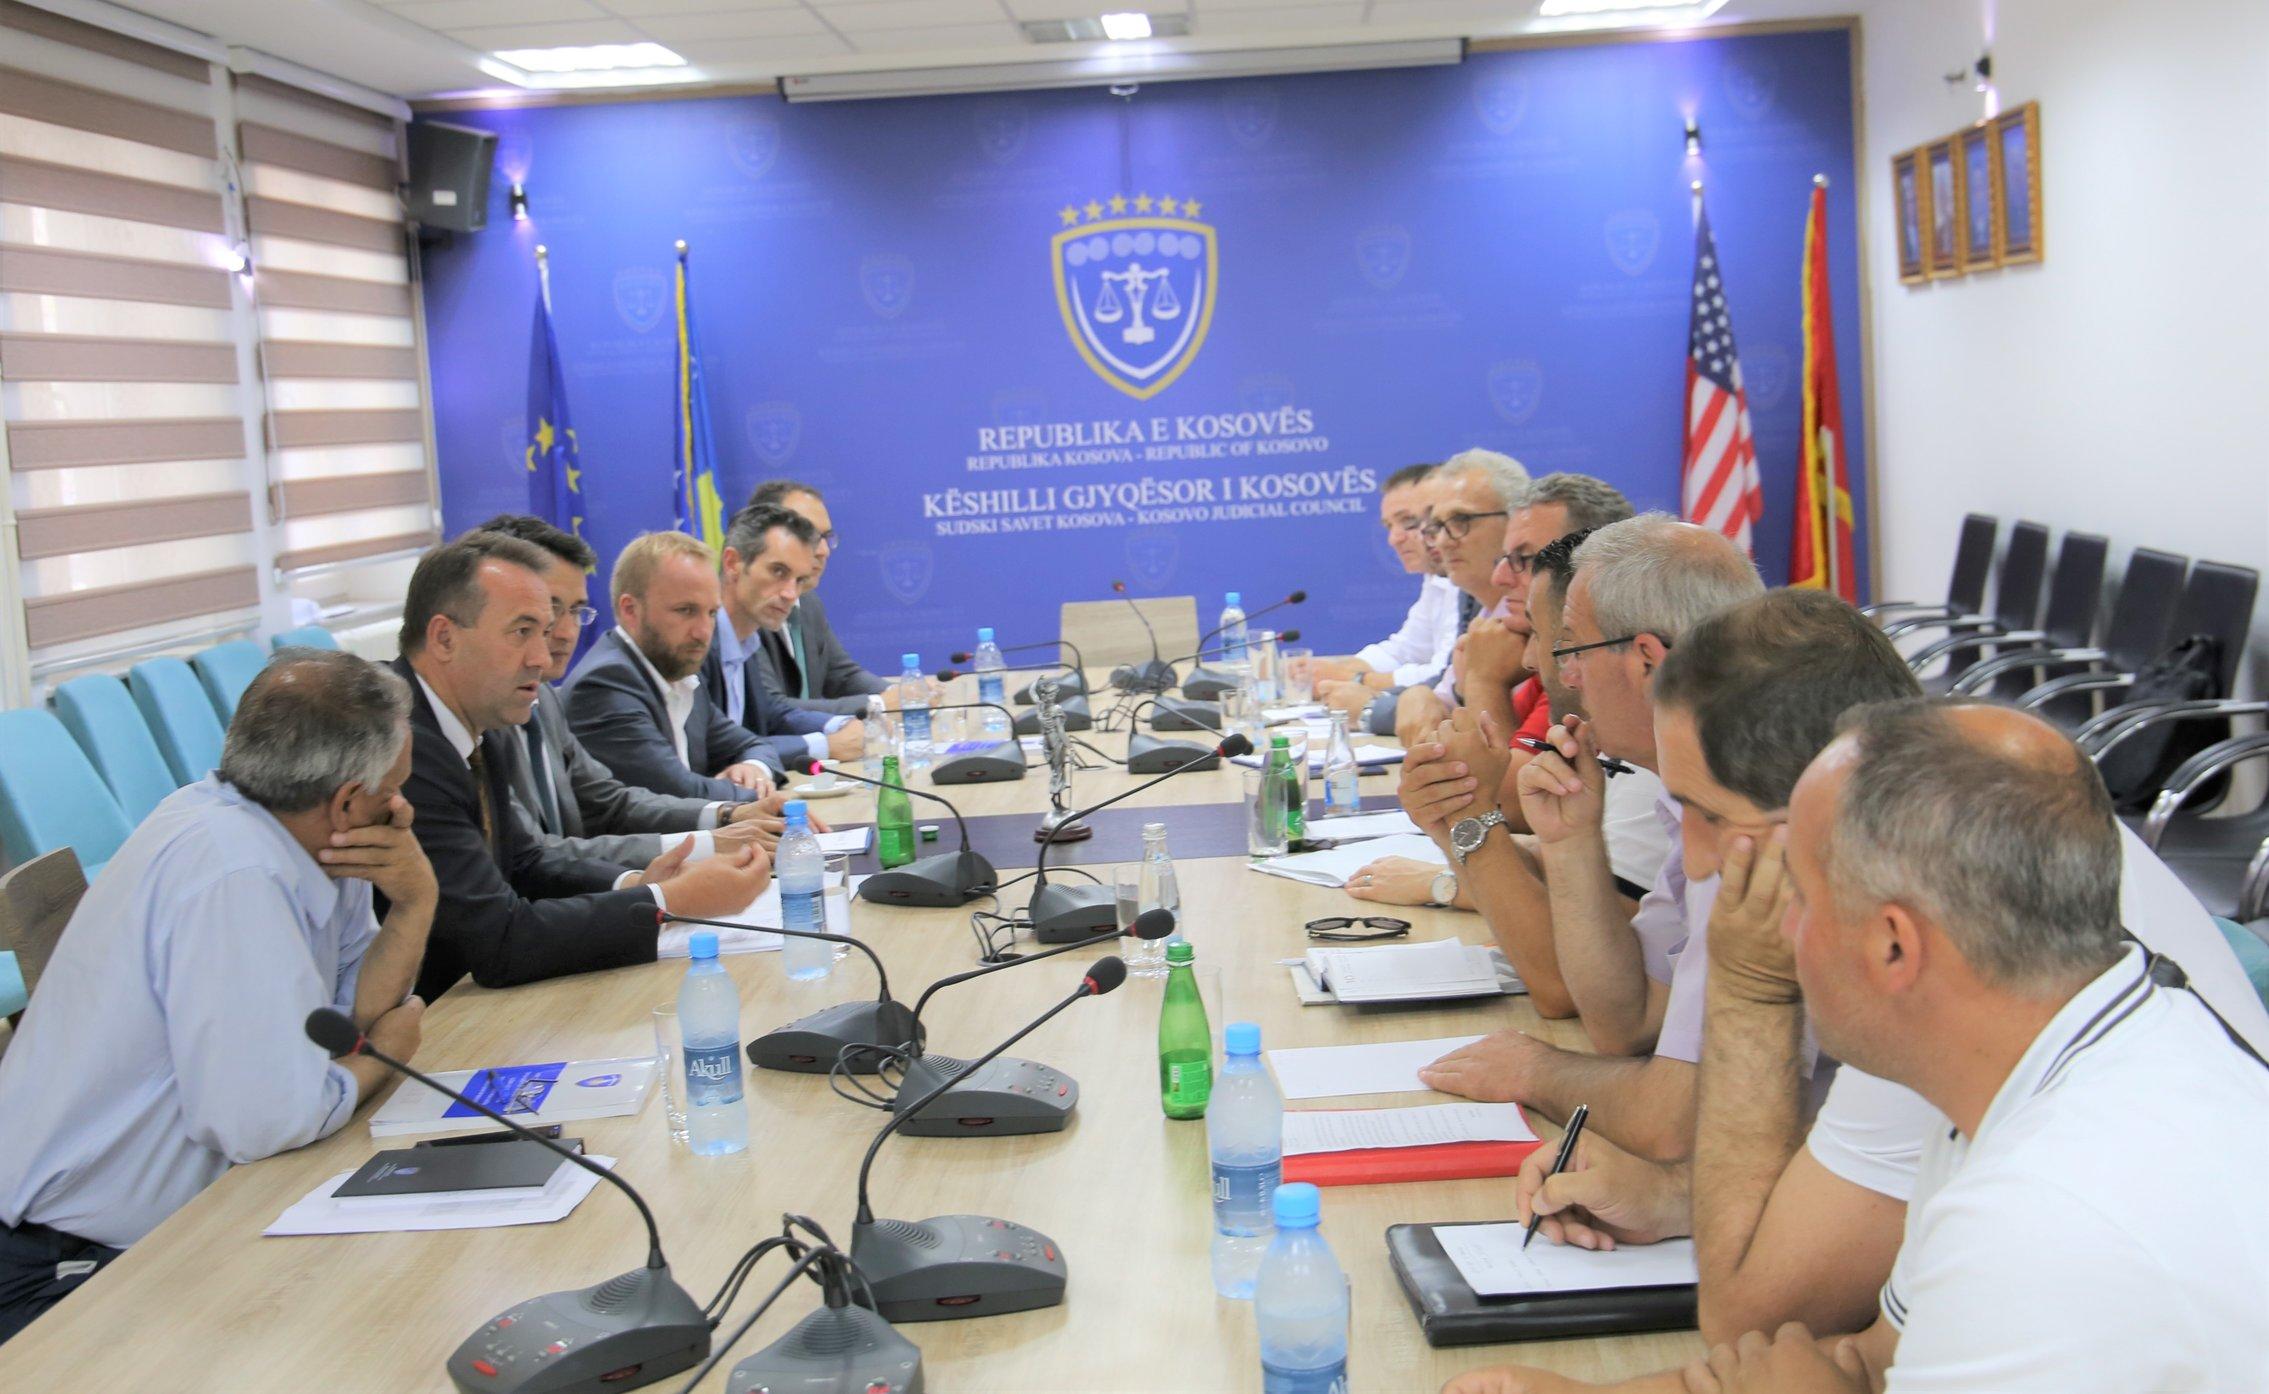 Arrihet pajtimi për trajtimin e kërkesave dhe shtyrjen e fillimit të grevës të Sindikatës së Judikaturës së Kosovës